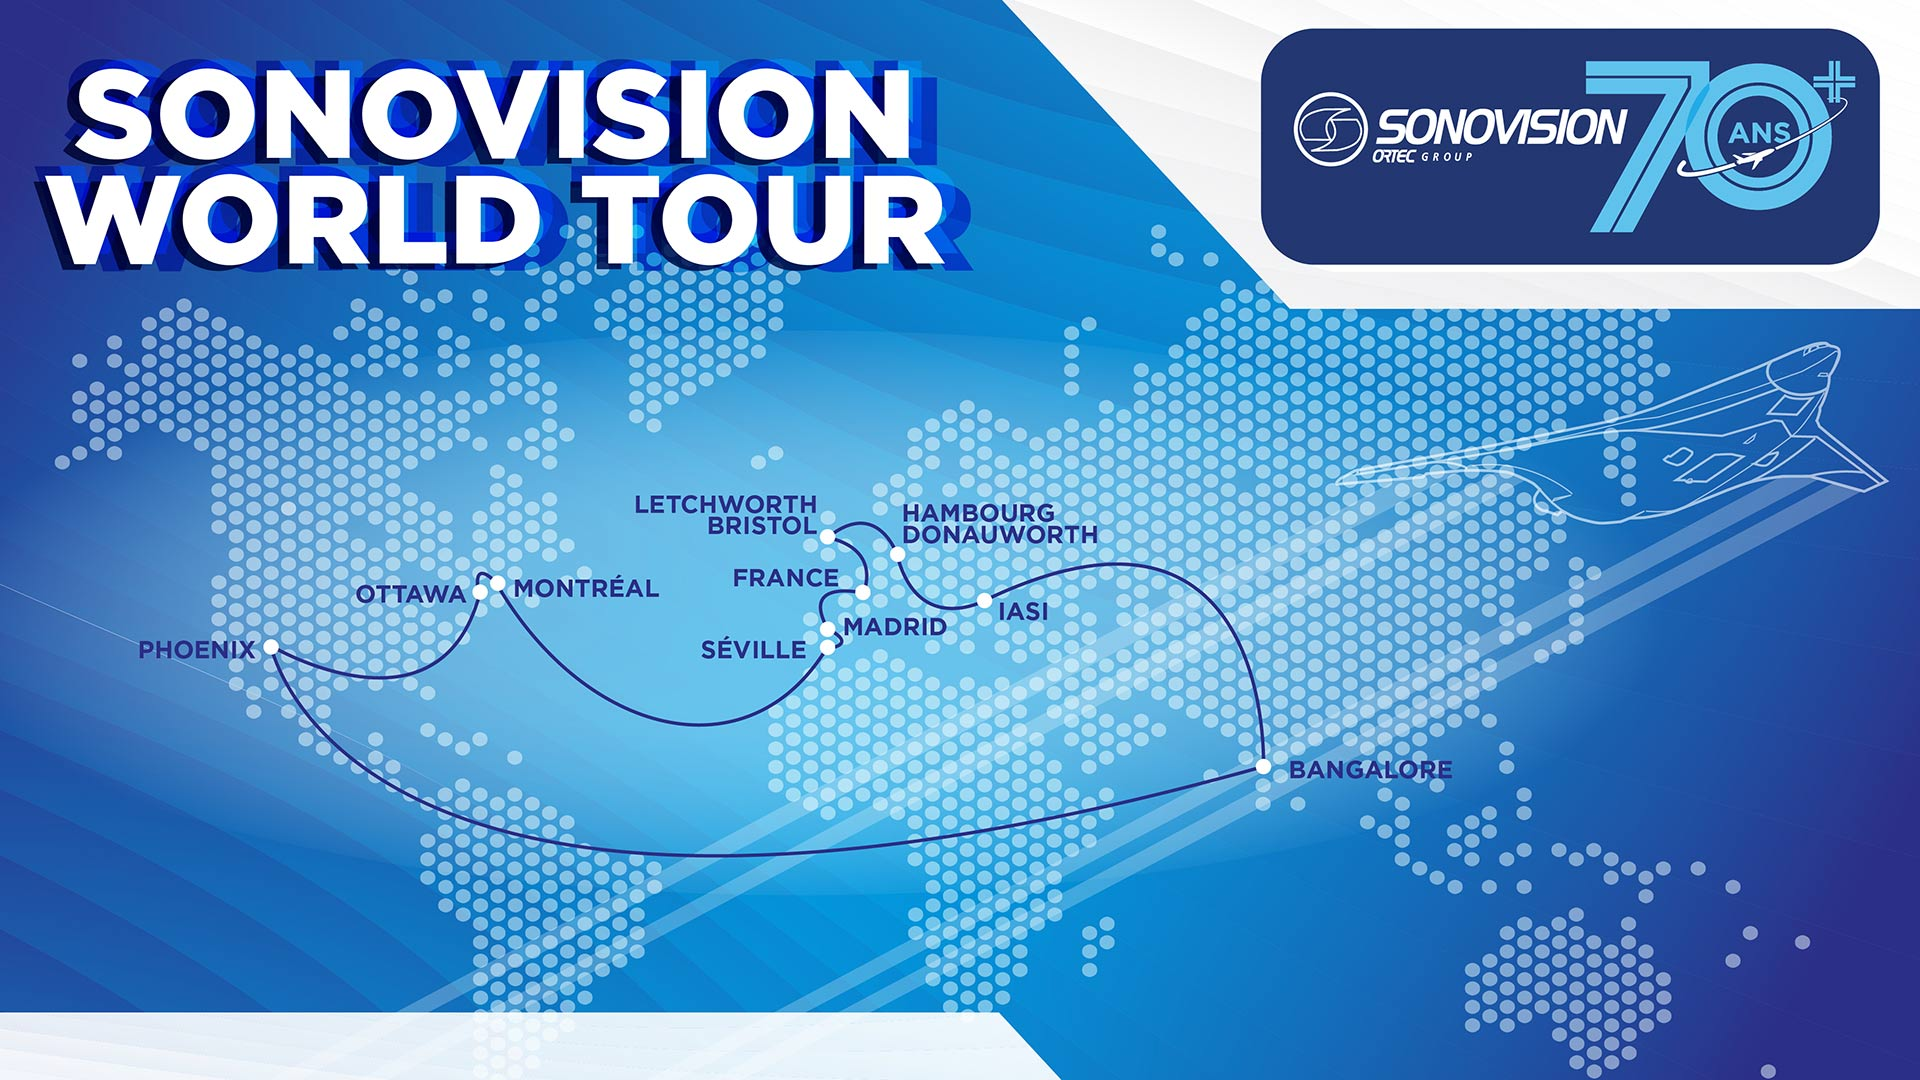 Sonovision World Tour 2020